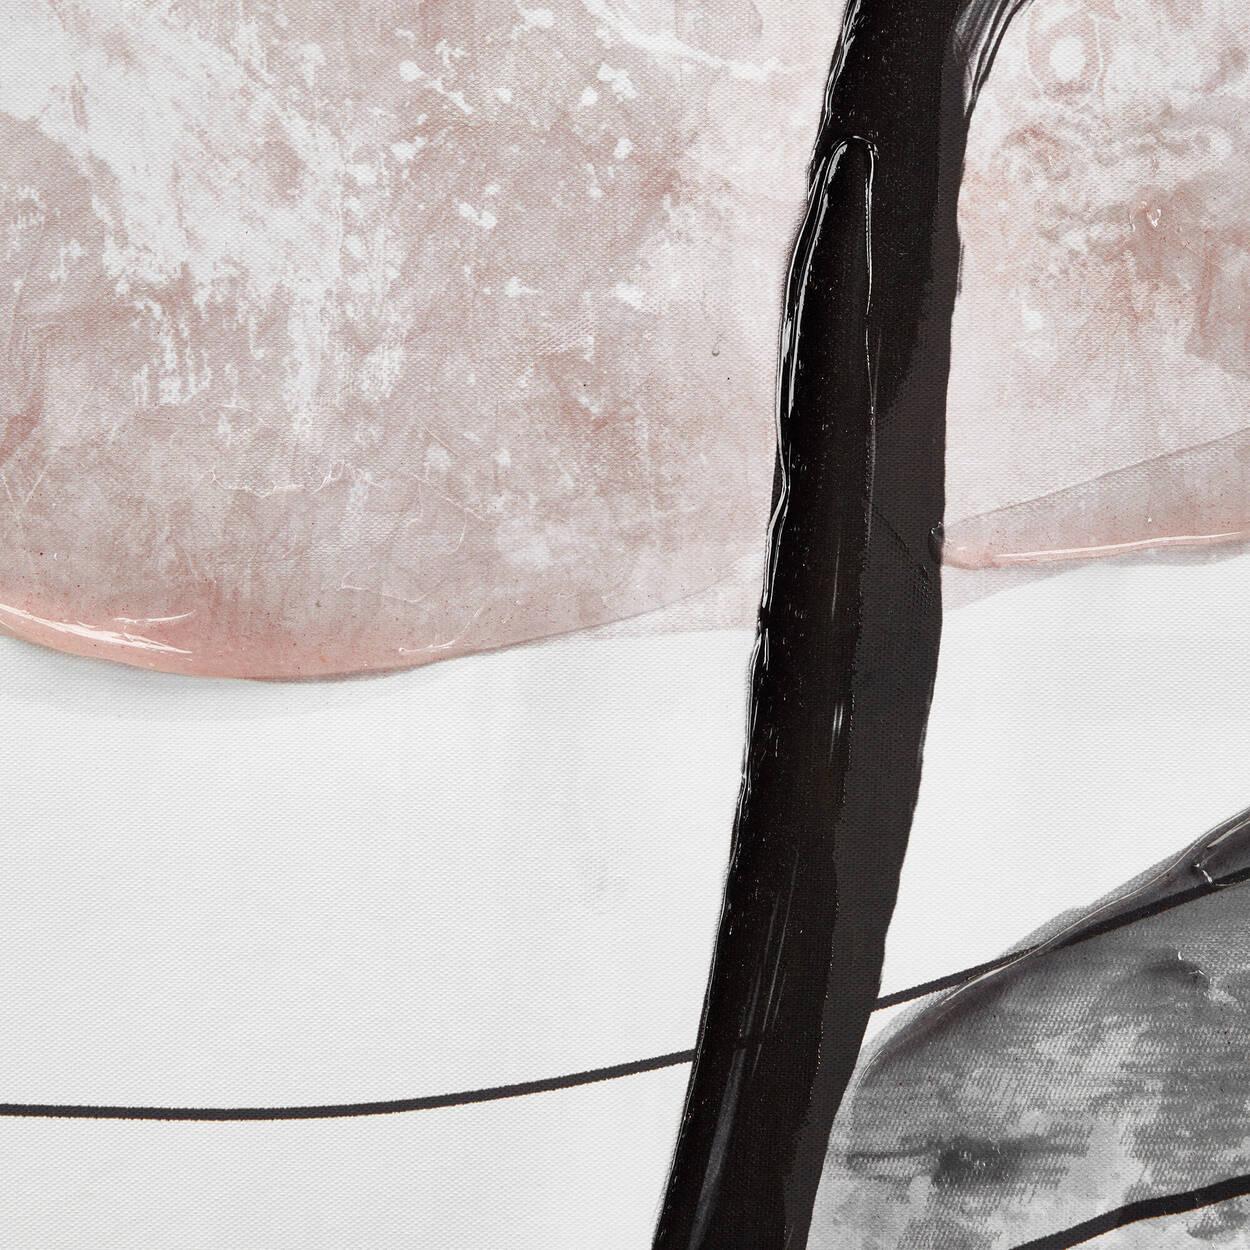 Cadre imprimé avec embellissements au gel